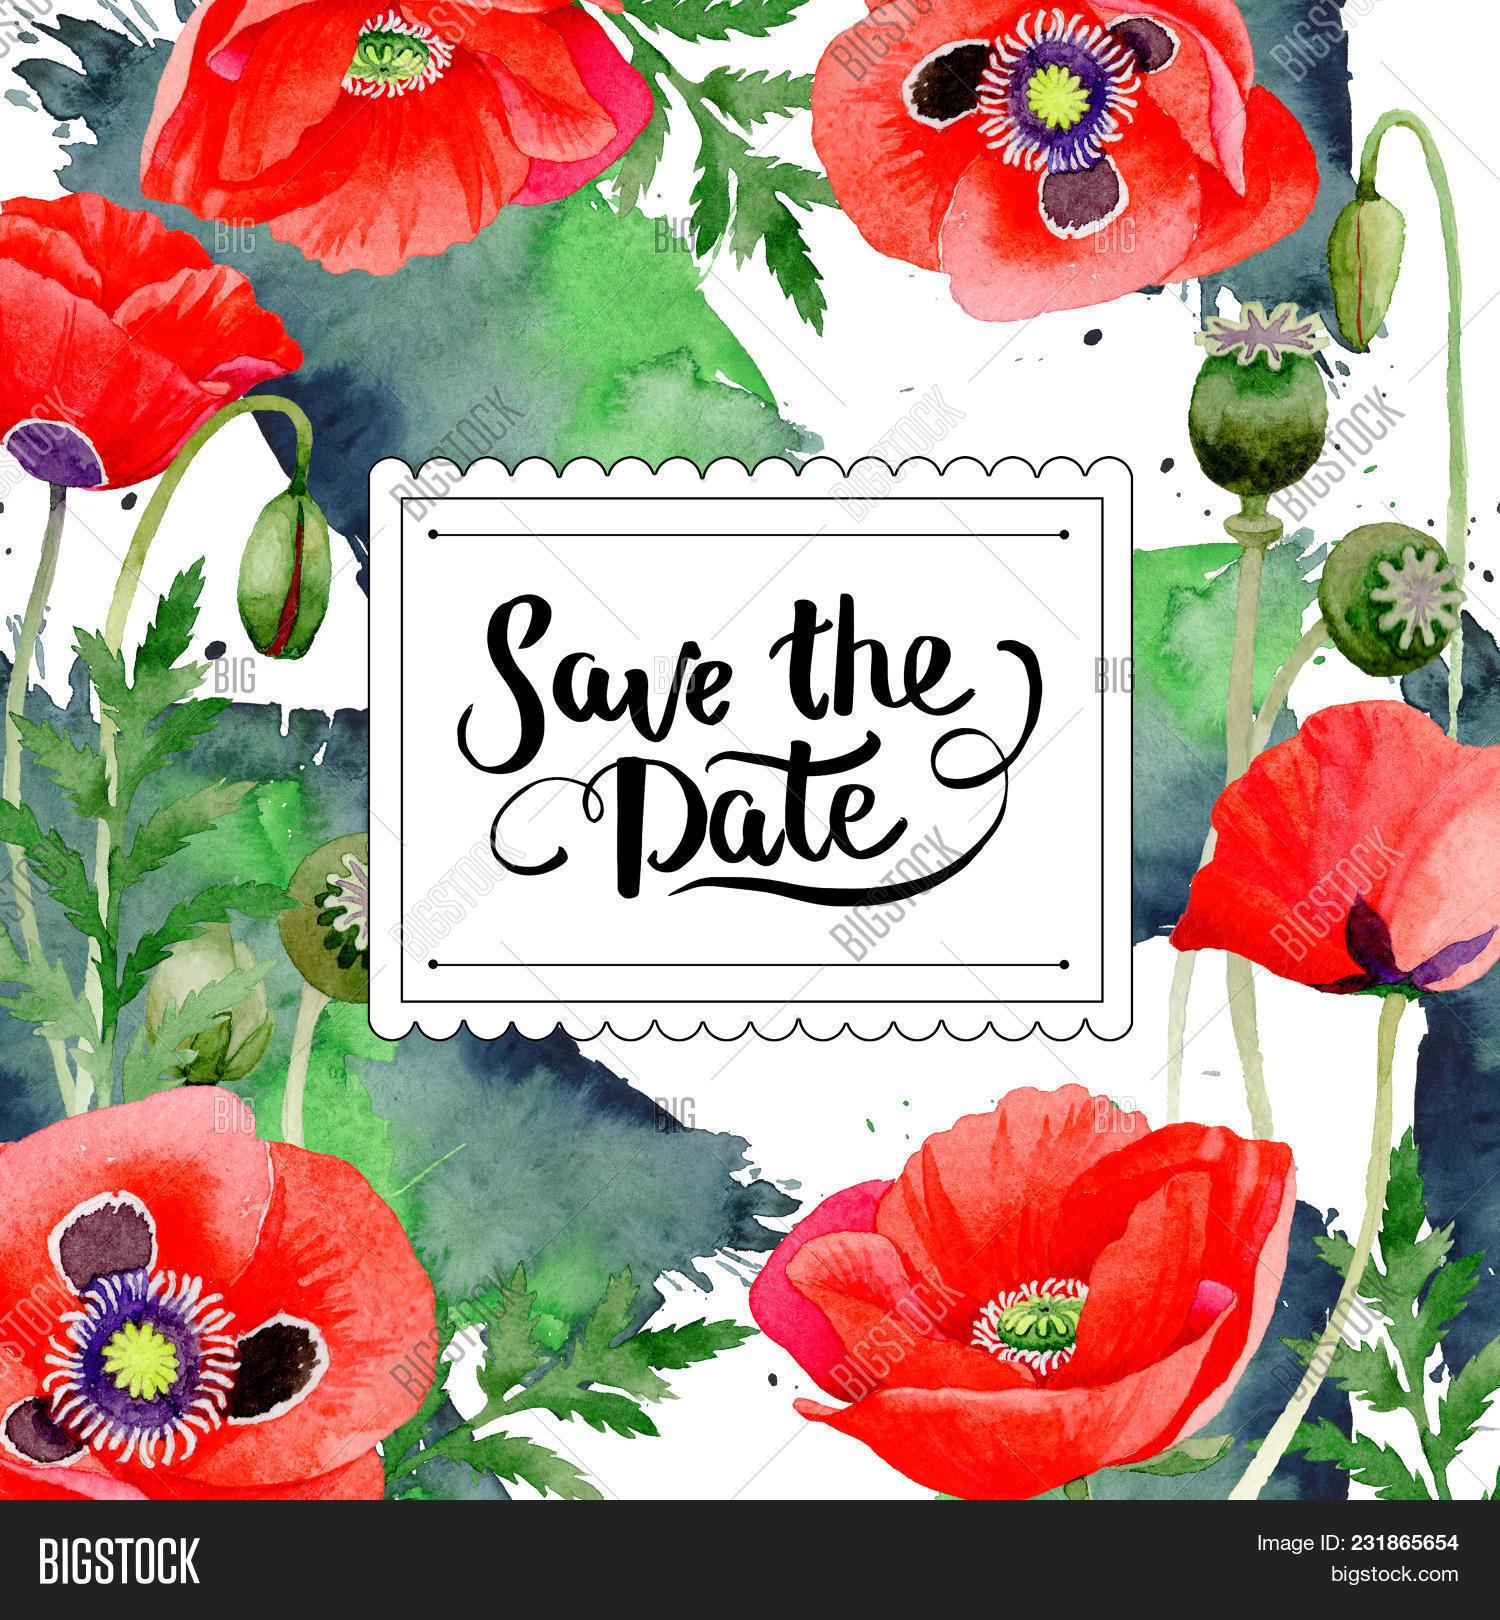 Wildflower Poppy Image Photo Free Trial Bigstock